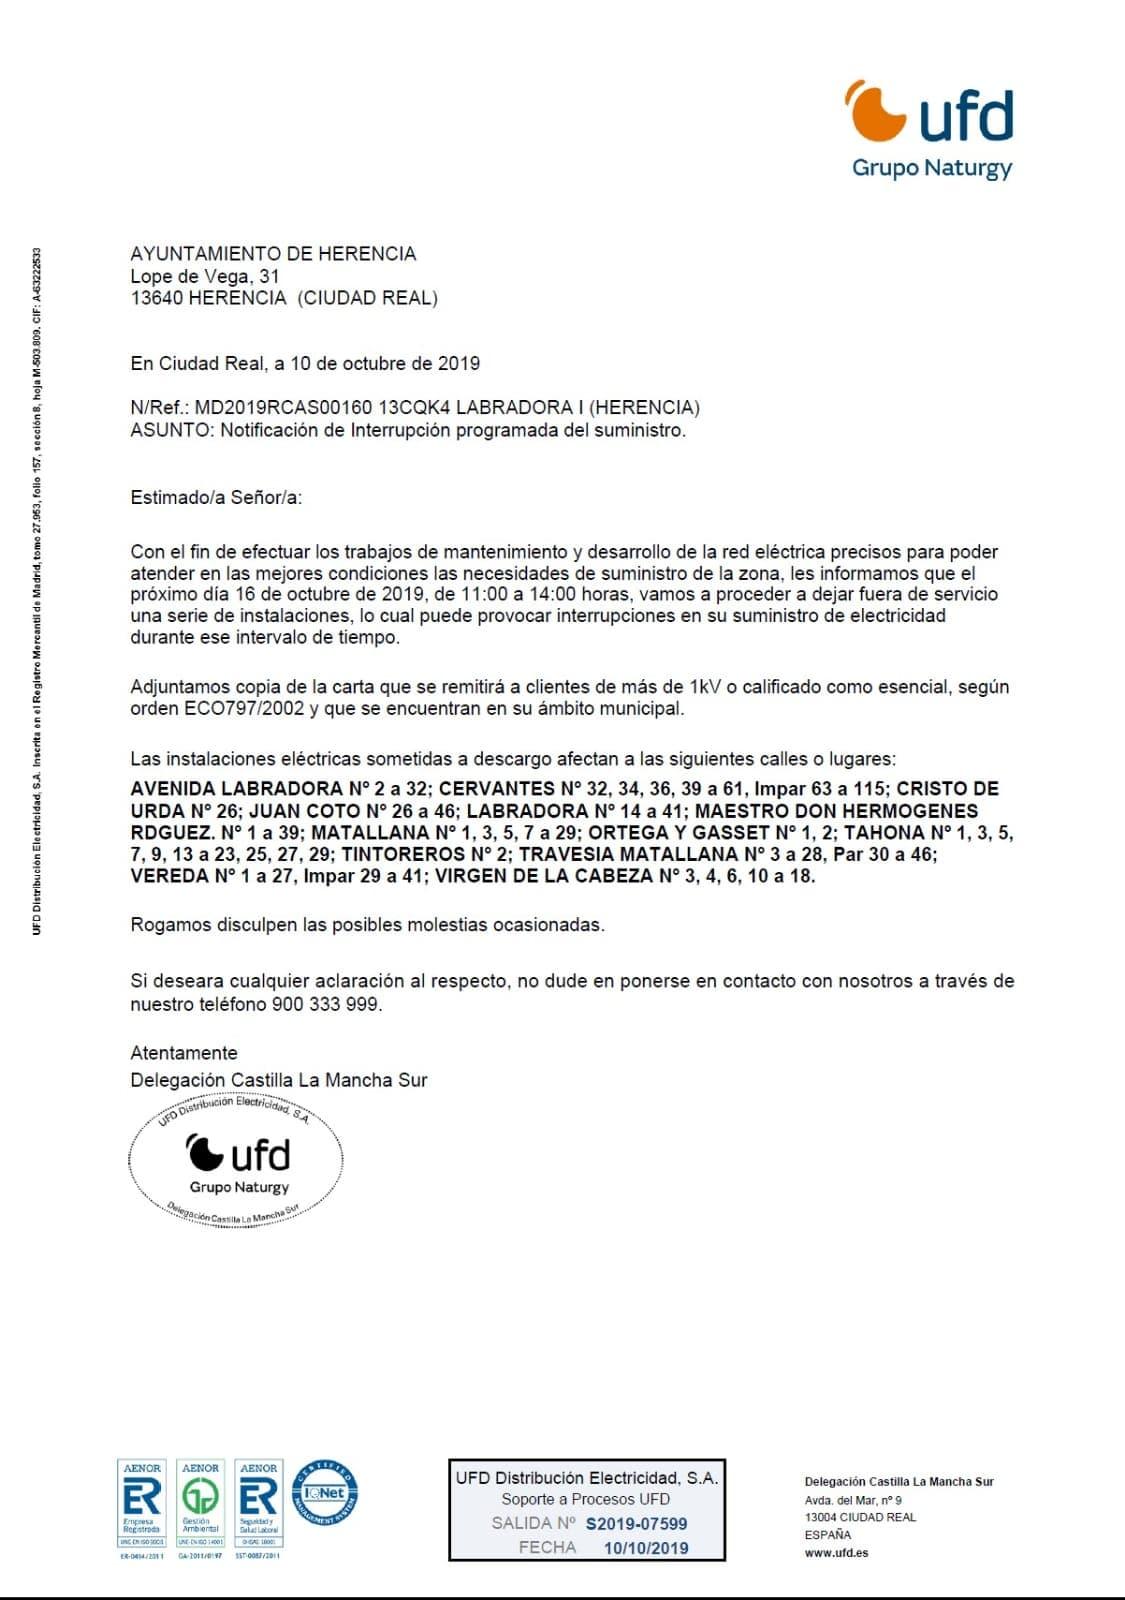 cortes de luz herencia 16 octubre 2 - Cortes de suministro eléctrico para el próximo 16 de octubre